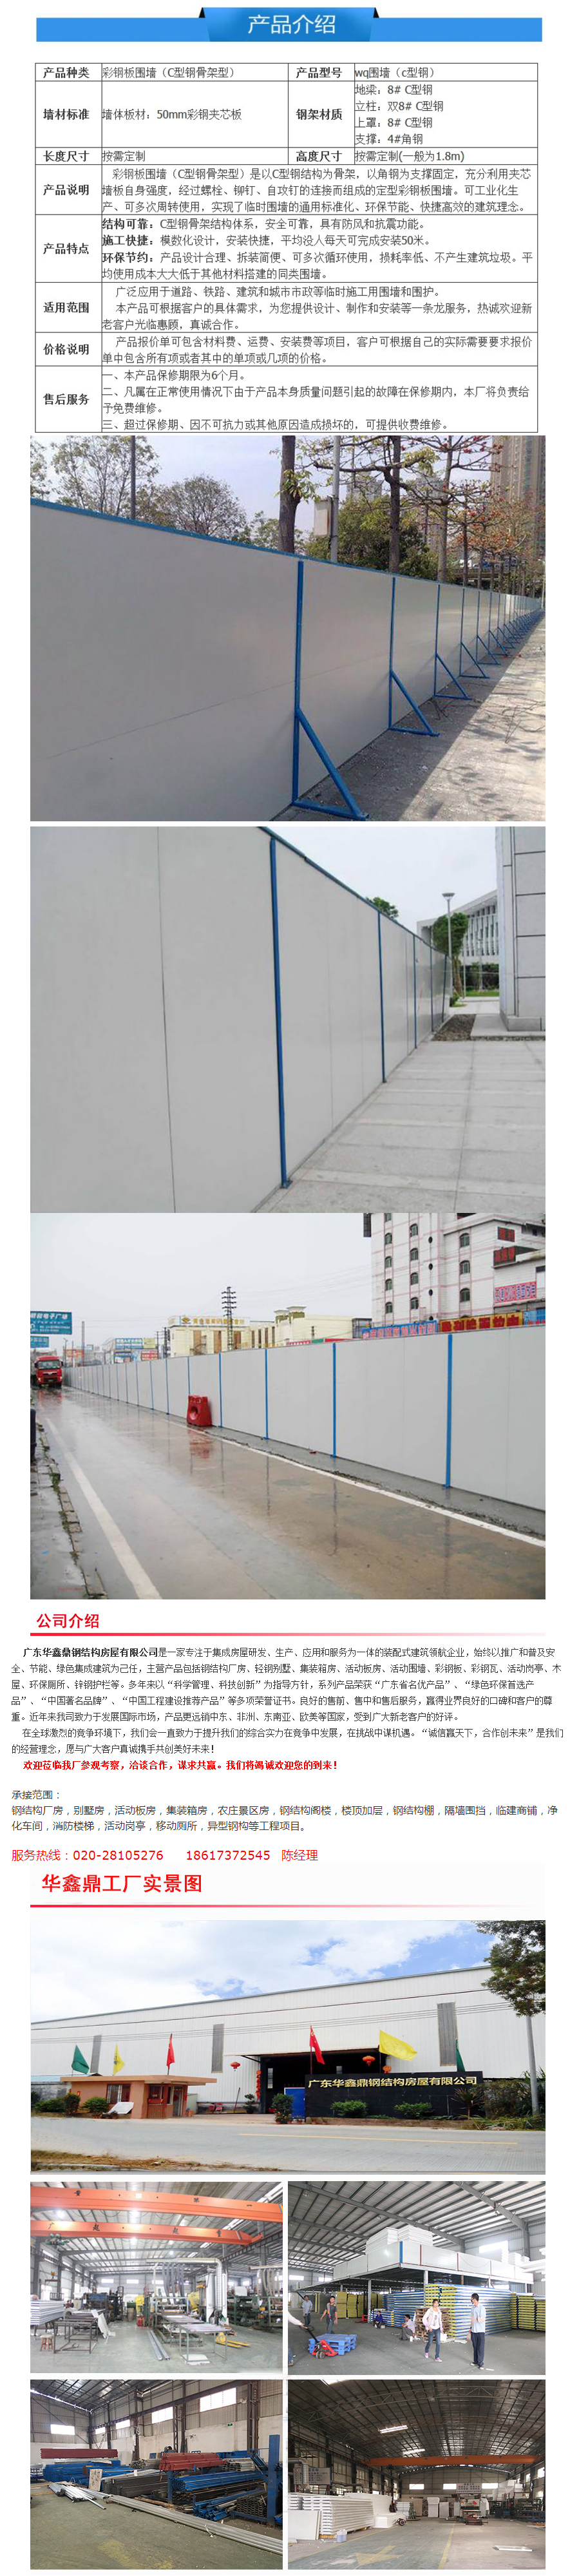 活动围墙-围墙,活动围墙.png